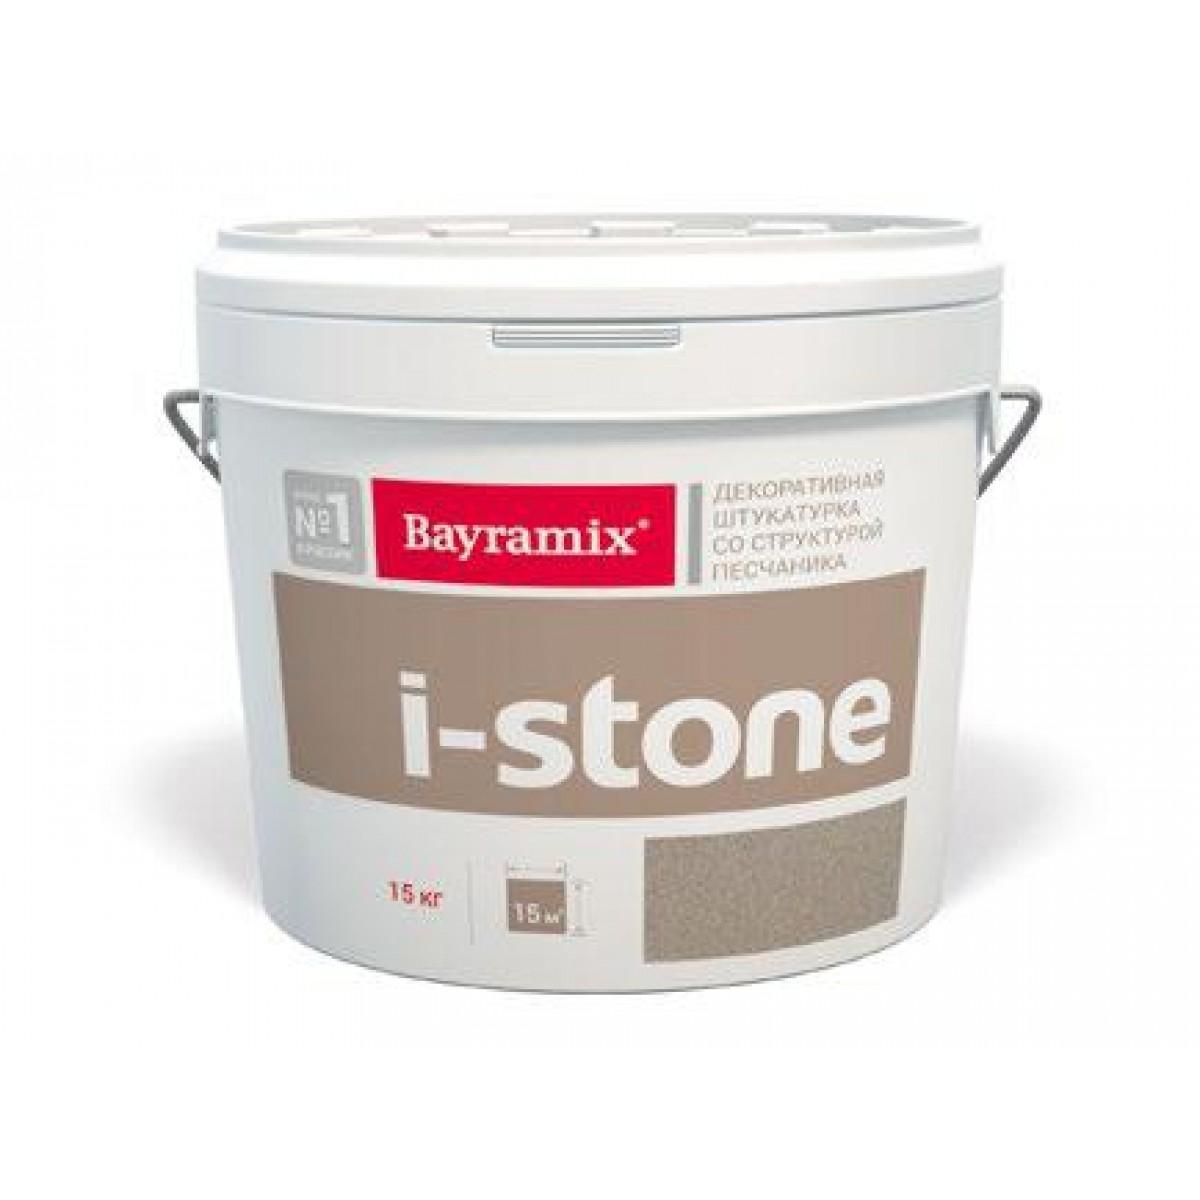 i-Stone